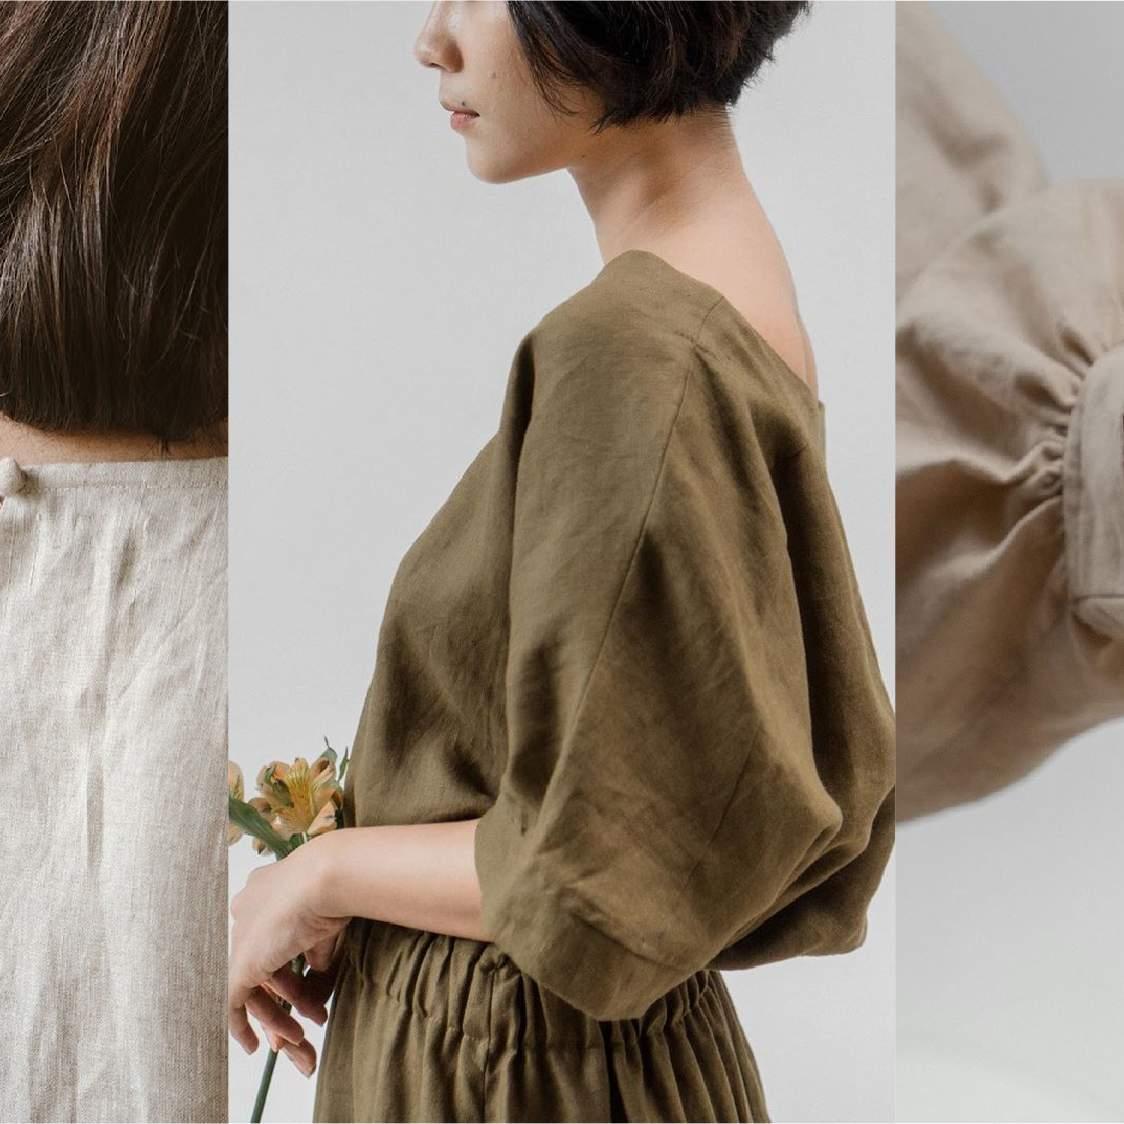 Linen có thật sự thân thiện với môi trường?